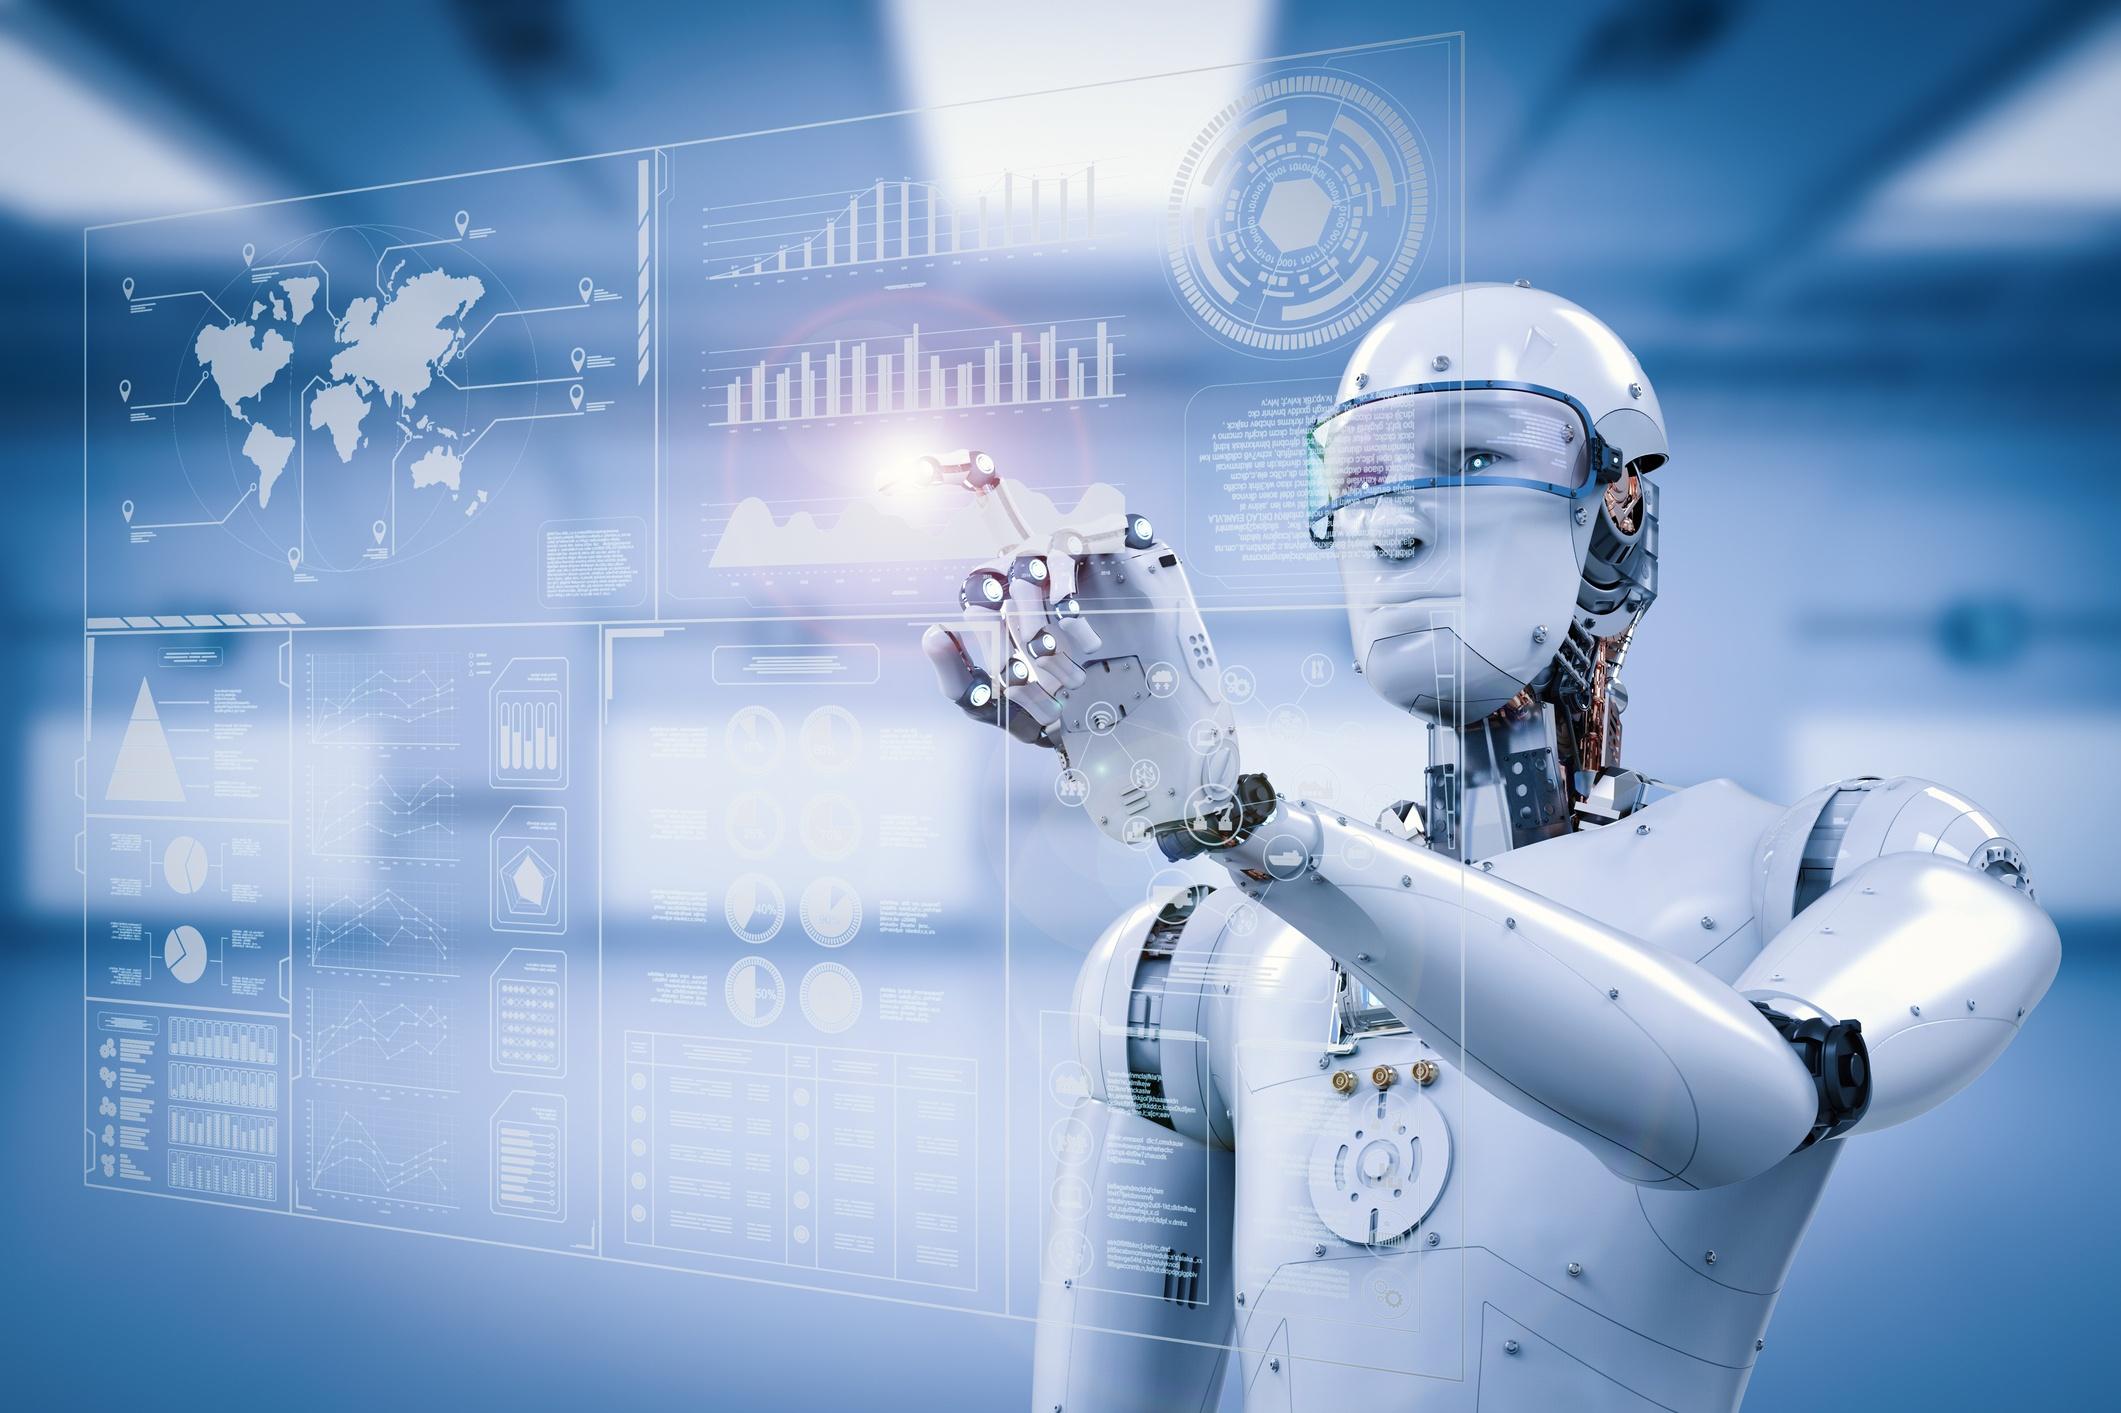 inteligncia-artificial-na-industria Inteligência artificial na indústria: descubra como utilizar!